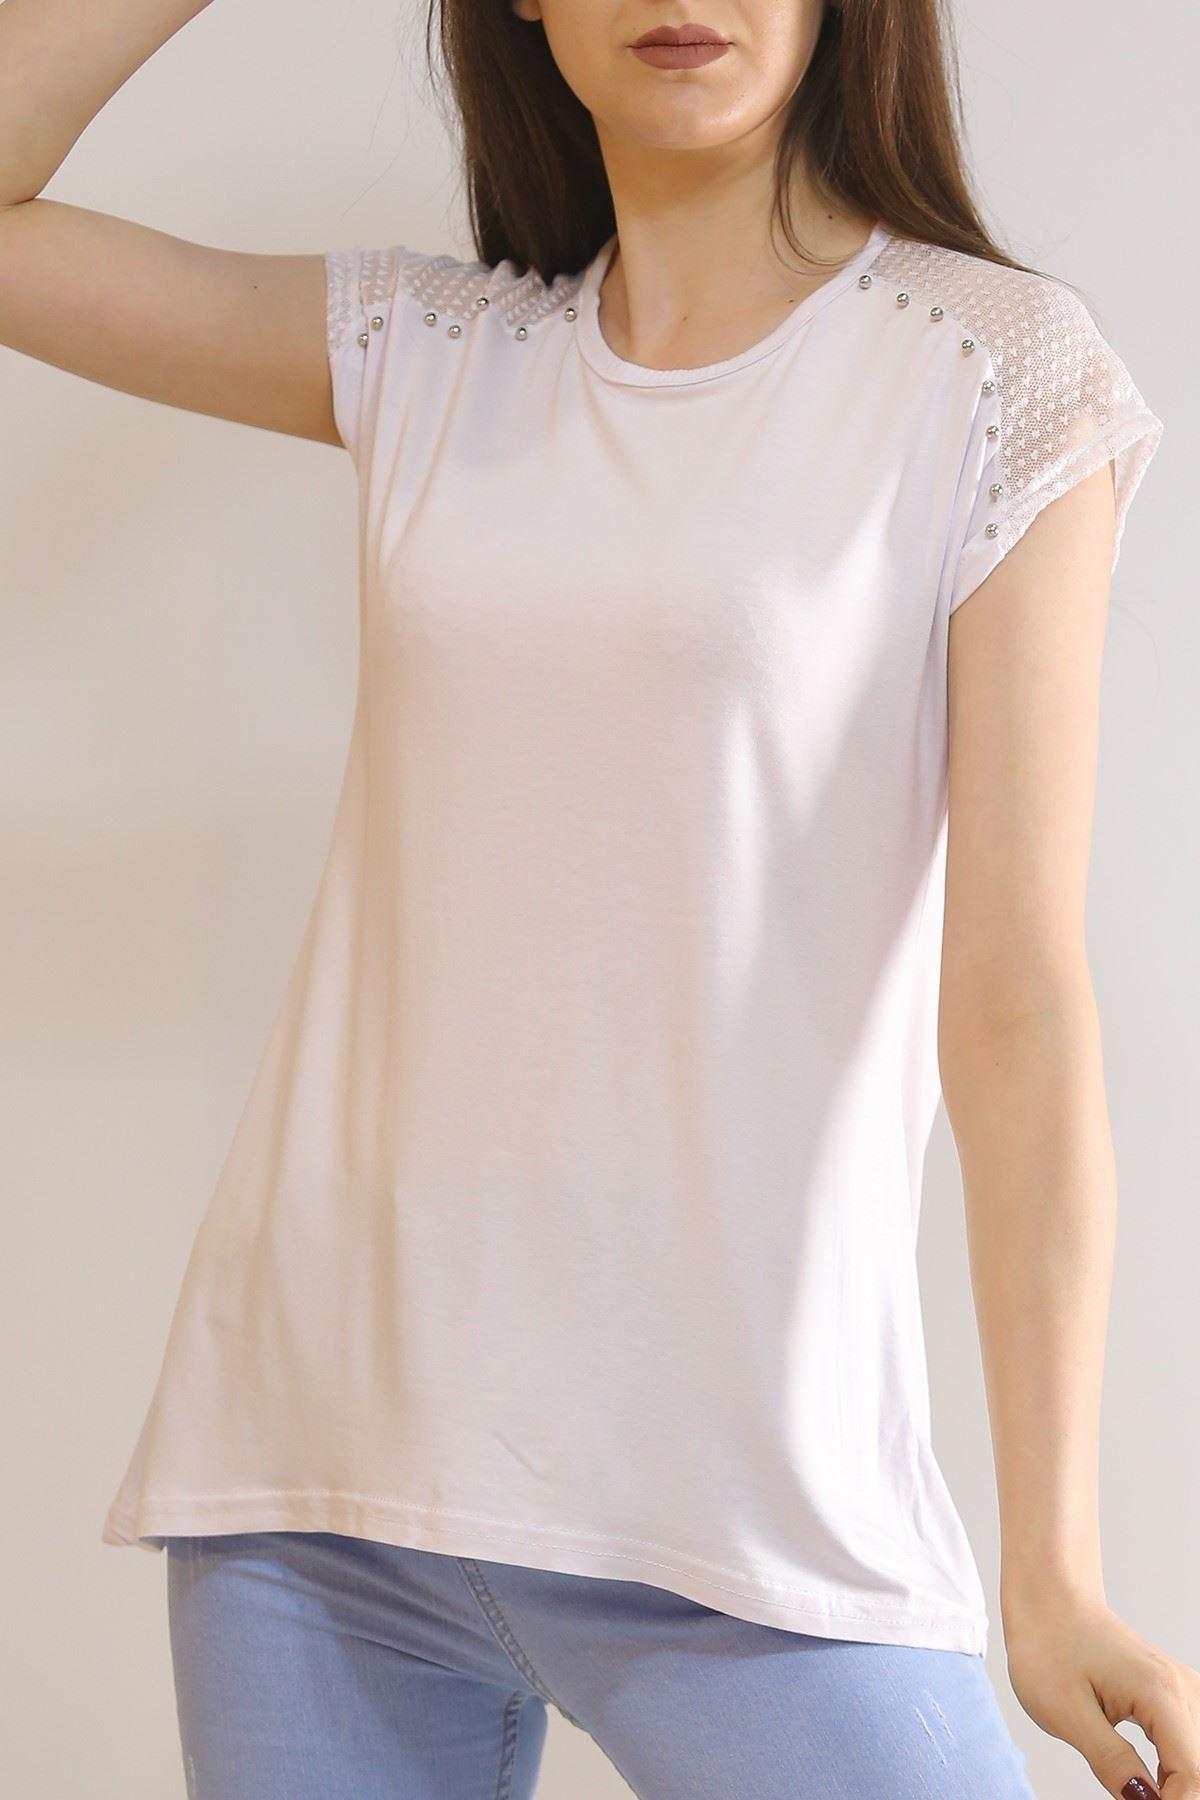 Sıfır Kol Dantelli Tişört Beyaz - 5954.599.